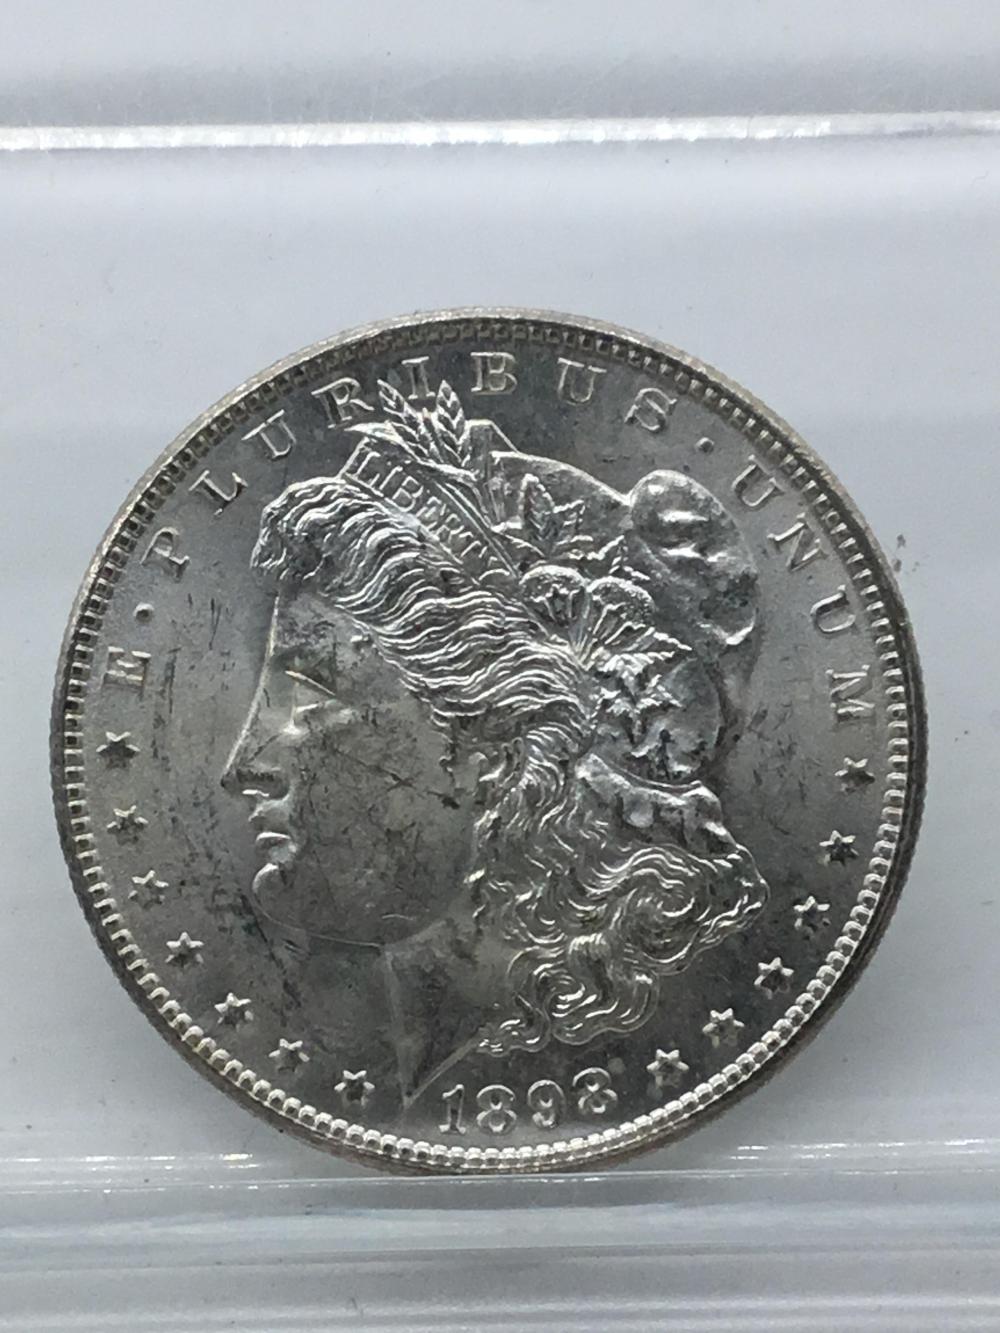 1898 o Morgan silver dollars